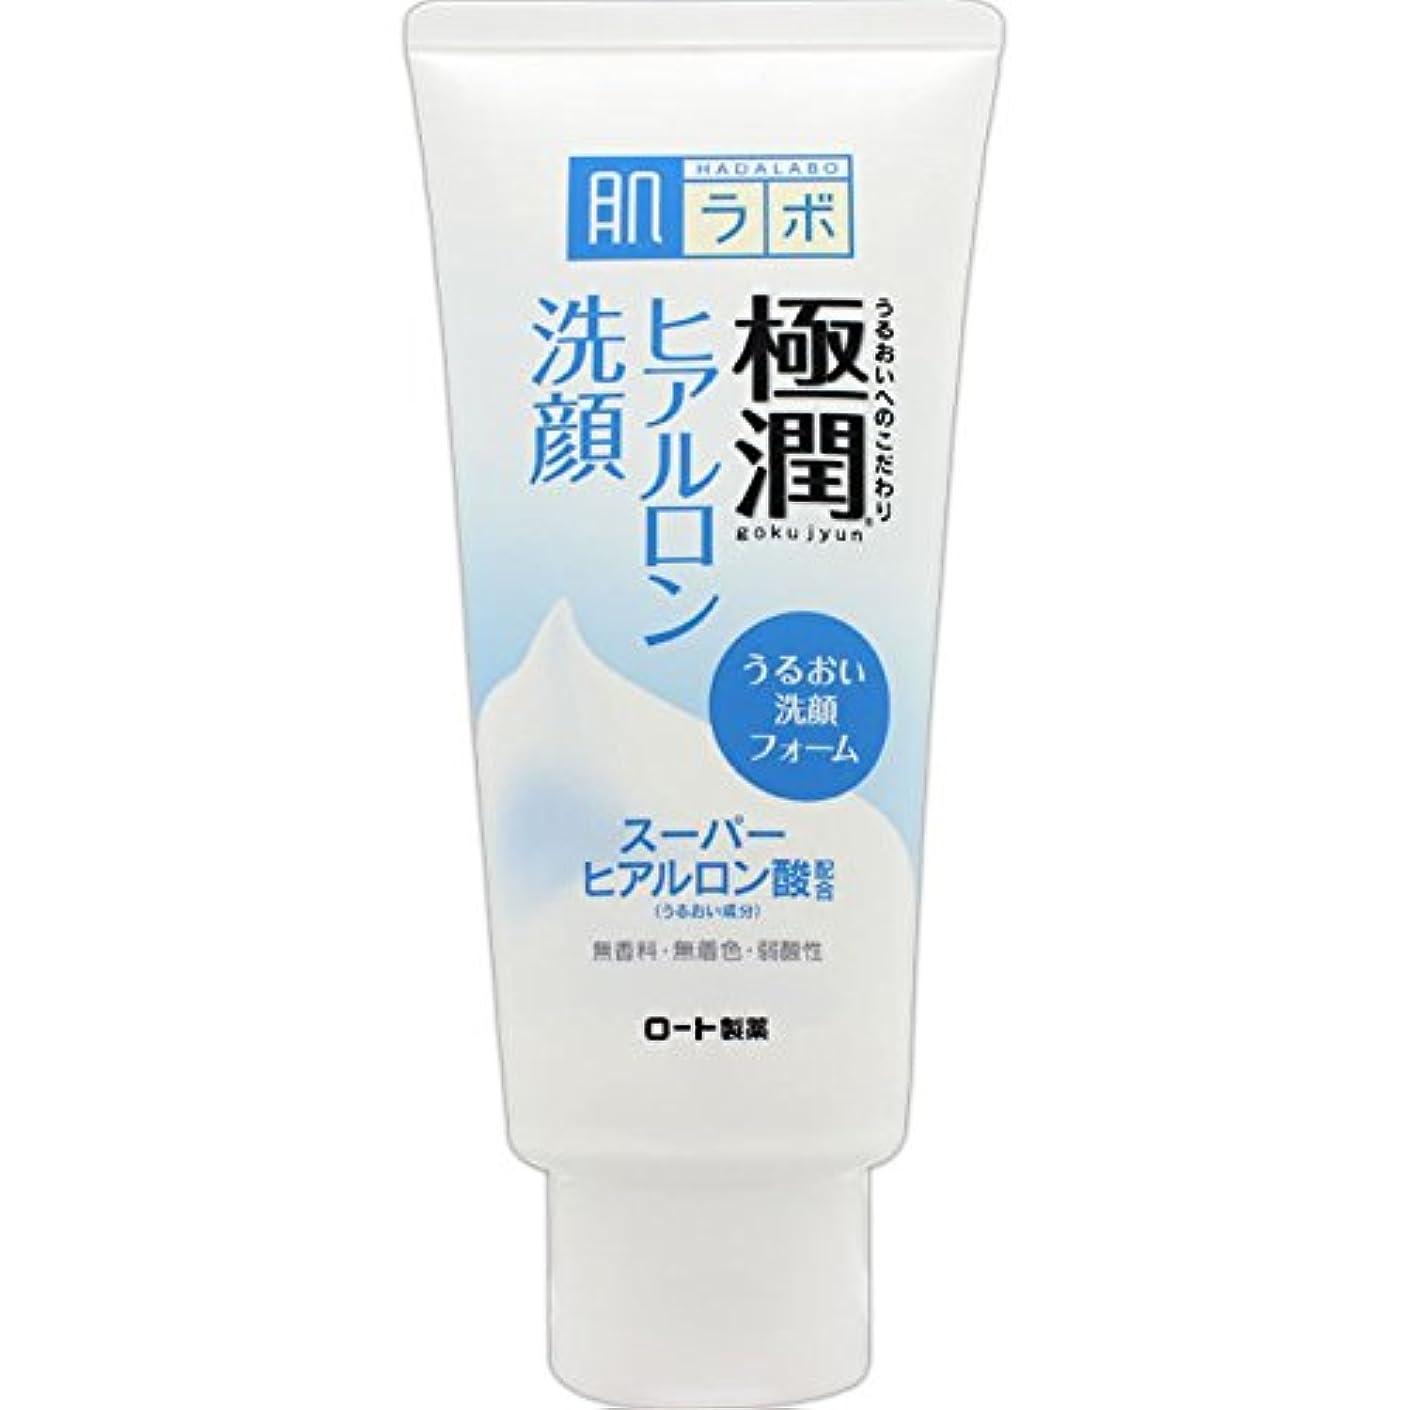 関連付ける記者デコードする肌ラボ 極潤 ヒアルロン洗顔フォーム スーパーヒアルロン酸&吸着型ヒアルロン酸をW配合 100g